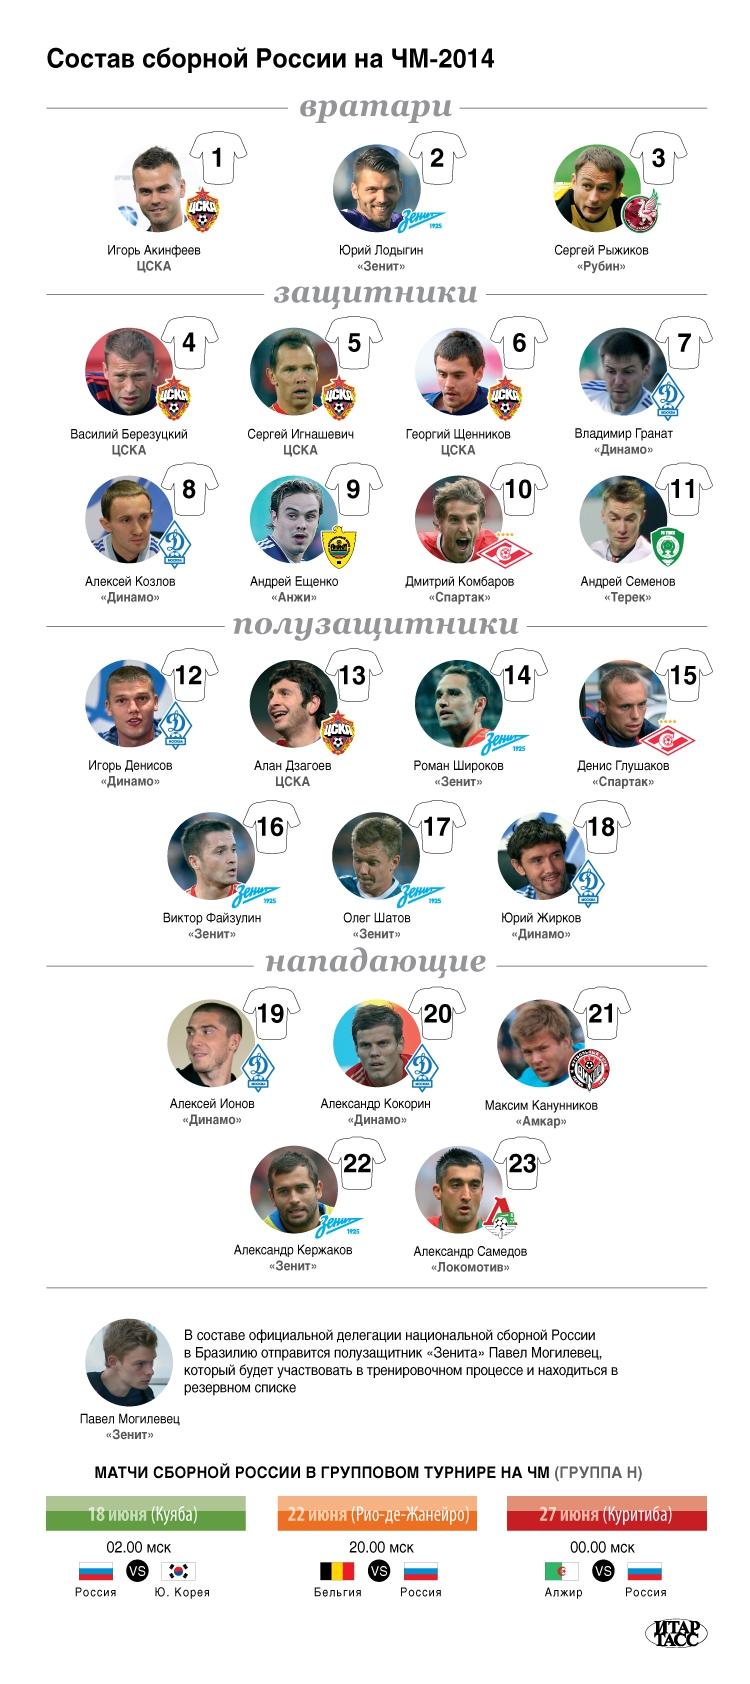 Состав сборной чемпионат мира по футболу 2014 россия